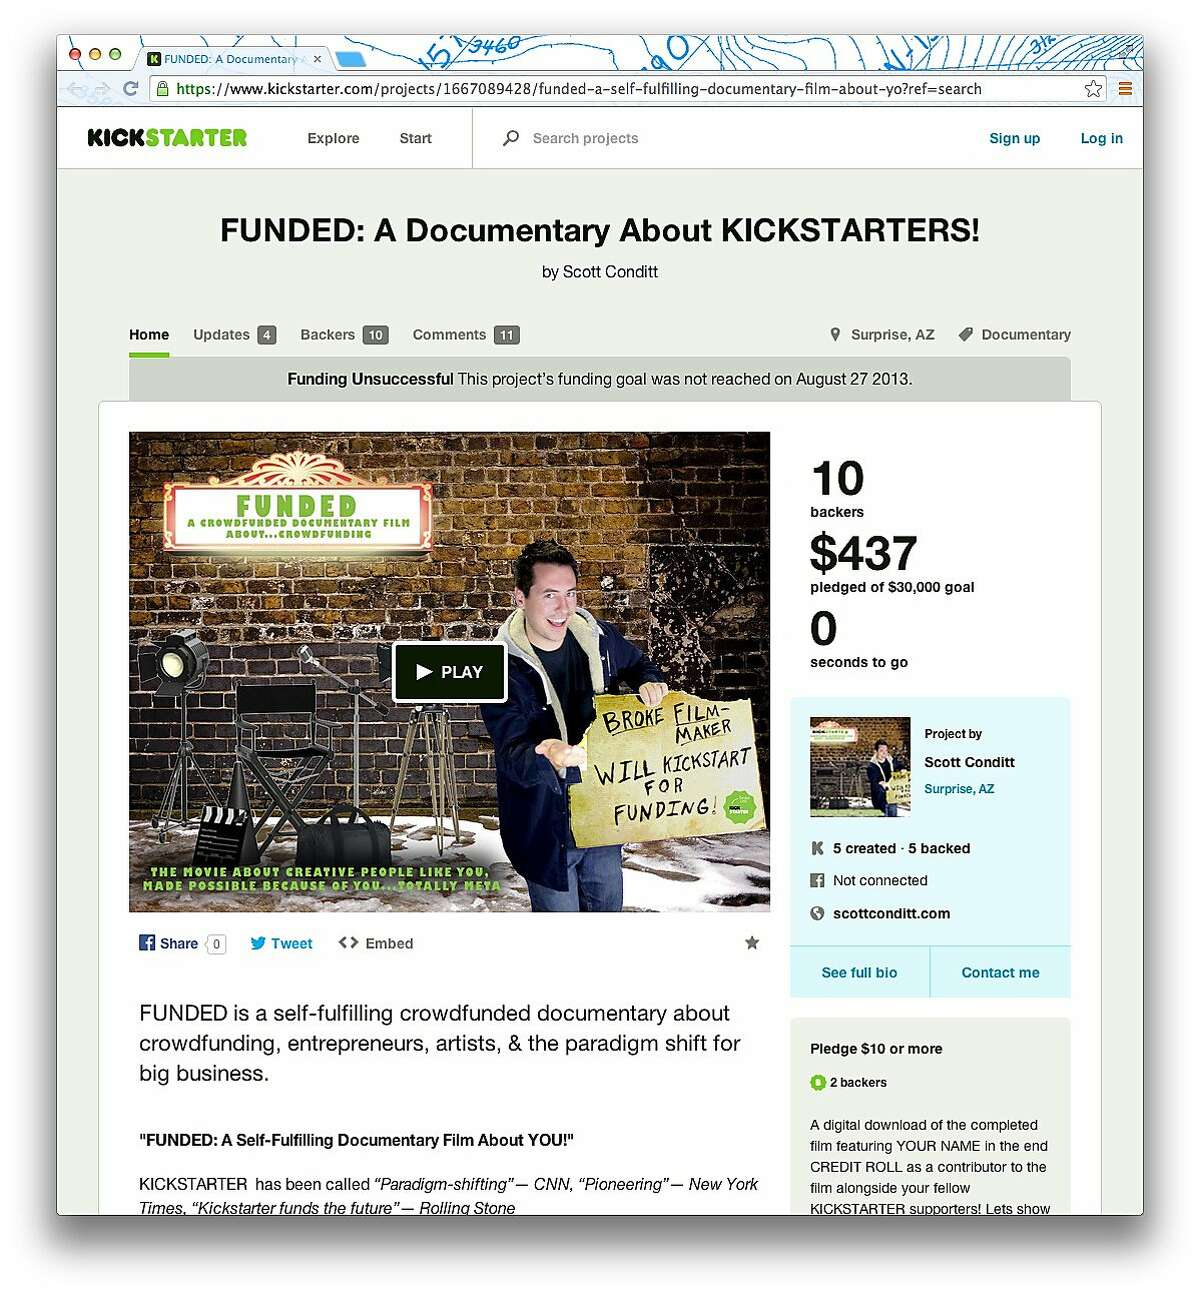 A Kickstarter project called